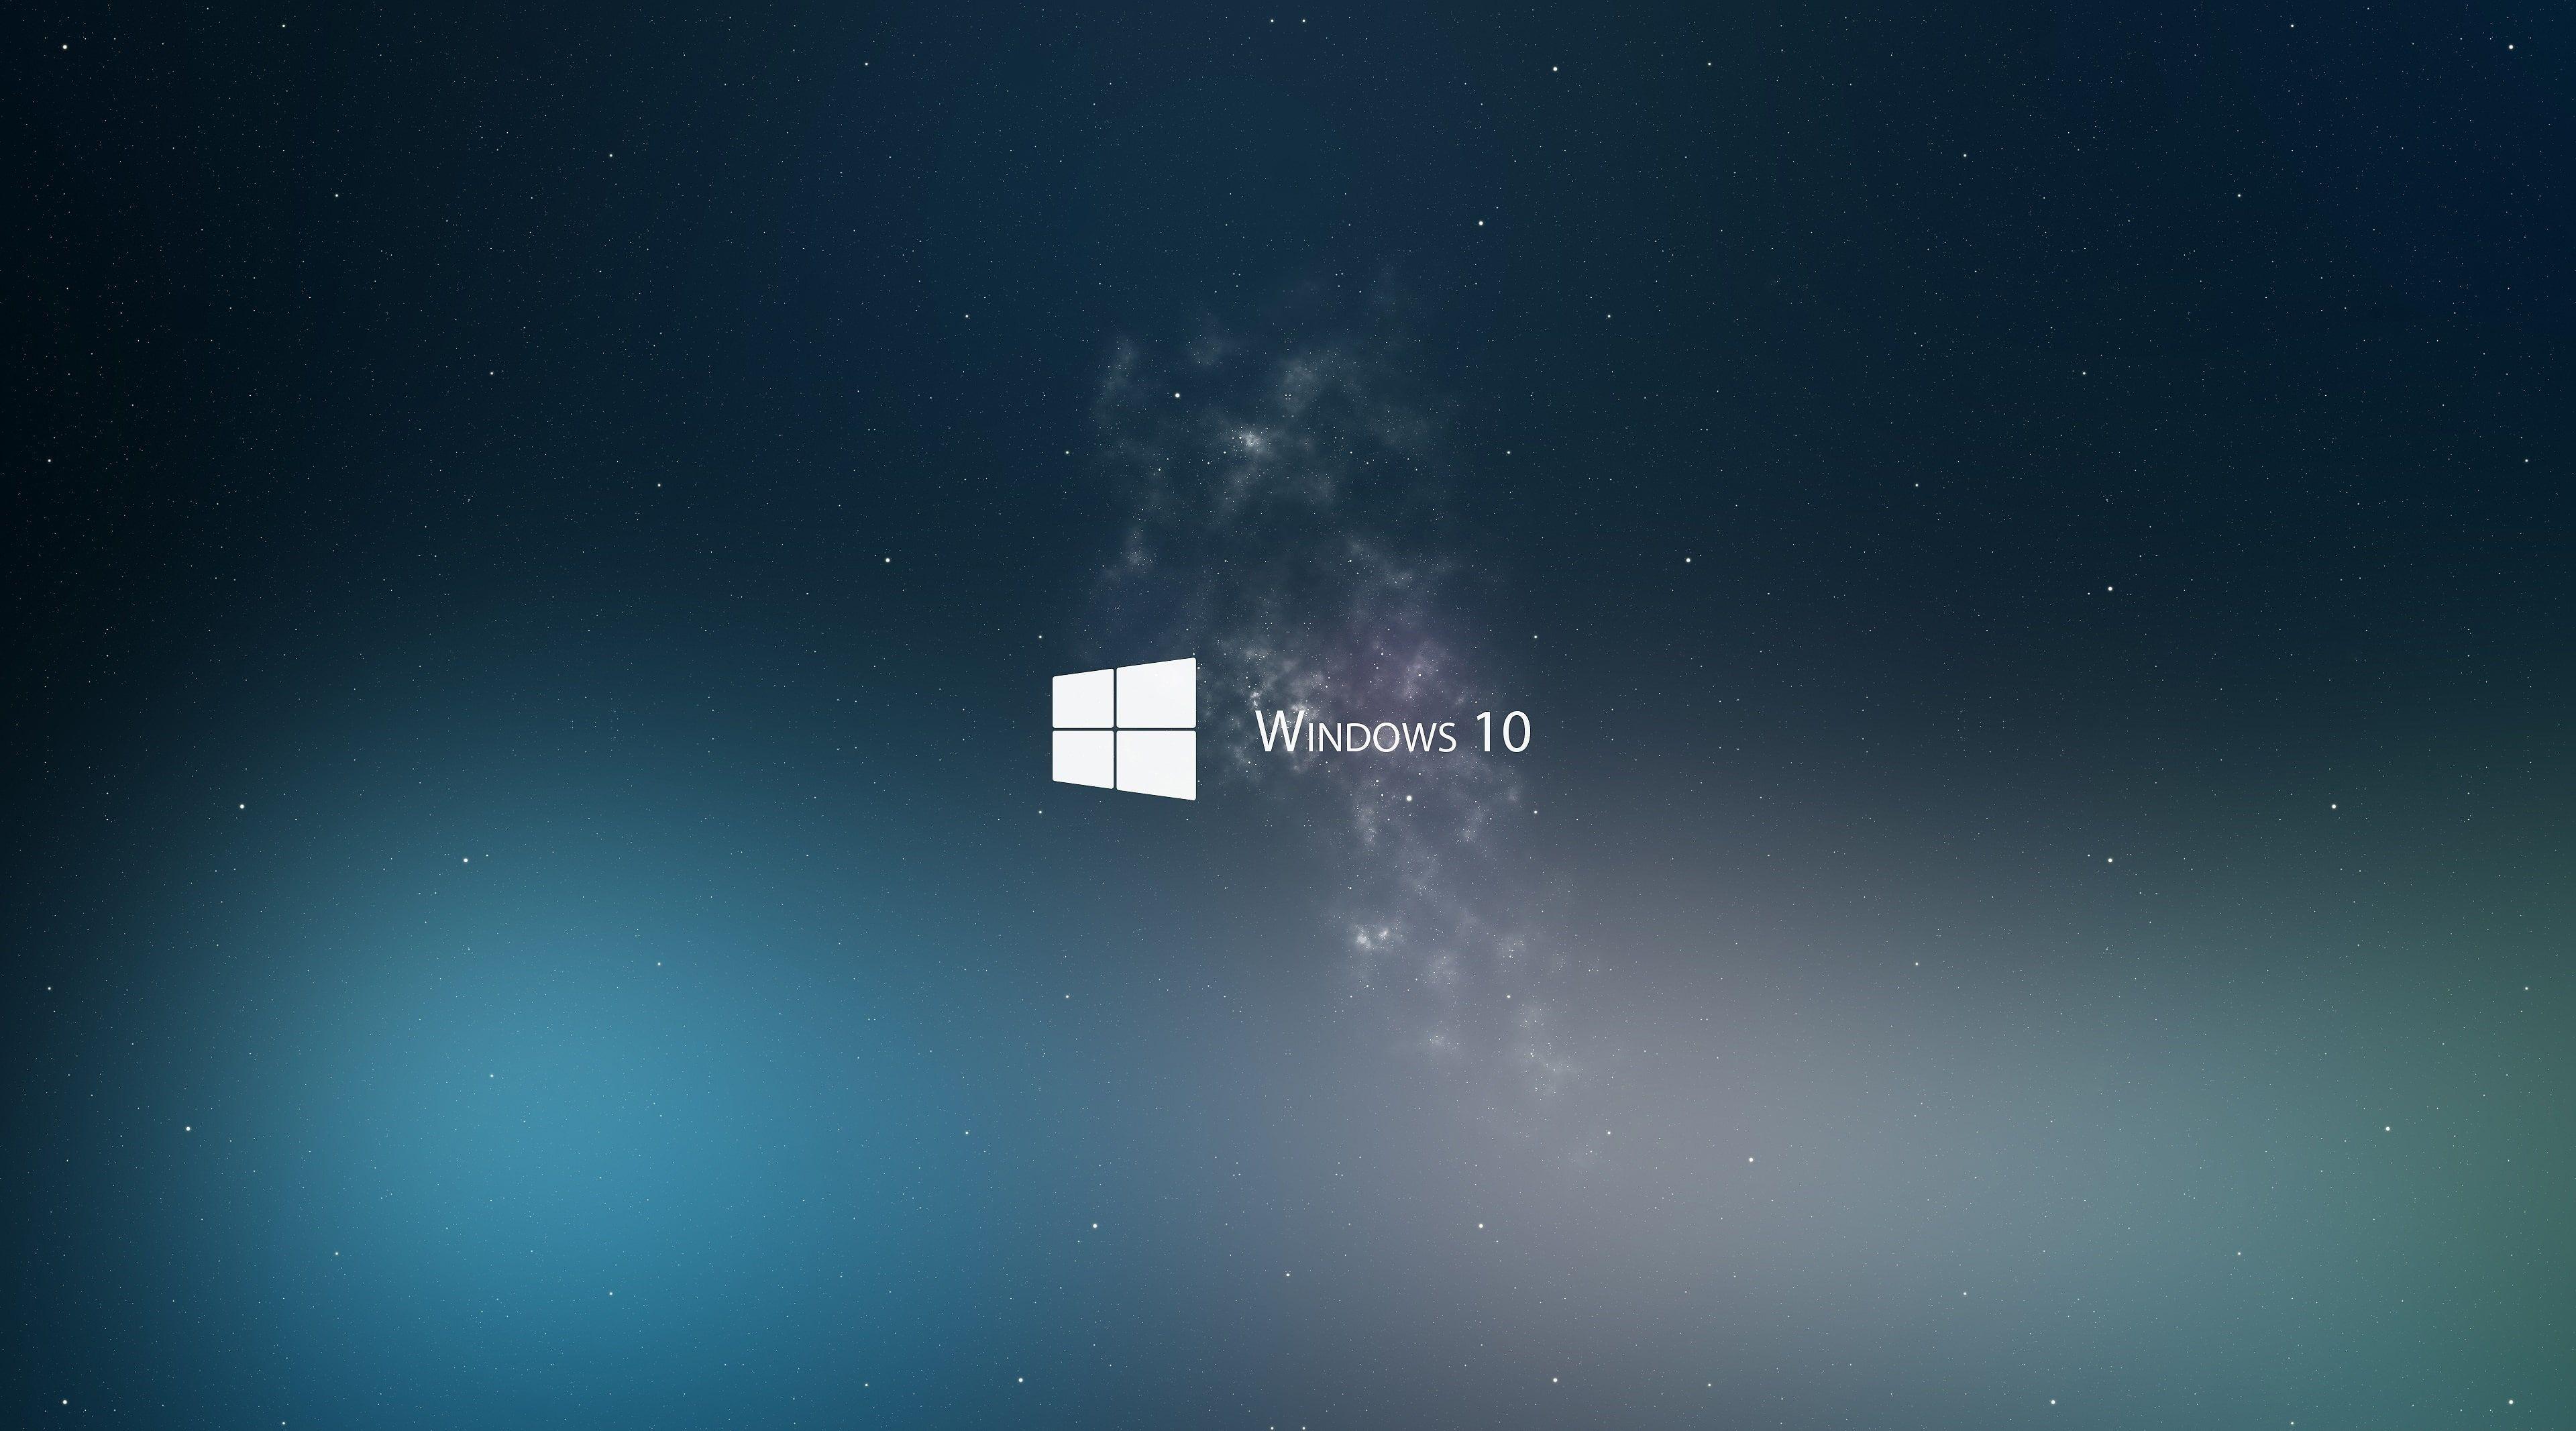 Windows 10 Windows 10 Wallpaper Windows Windows 10 4k Wallpaper Hdwallpaper Desktop Hd Wallpaper Wallpaper Windows 10